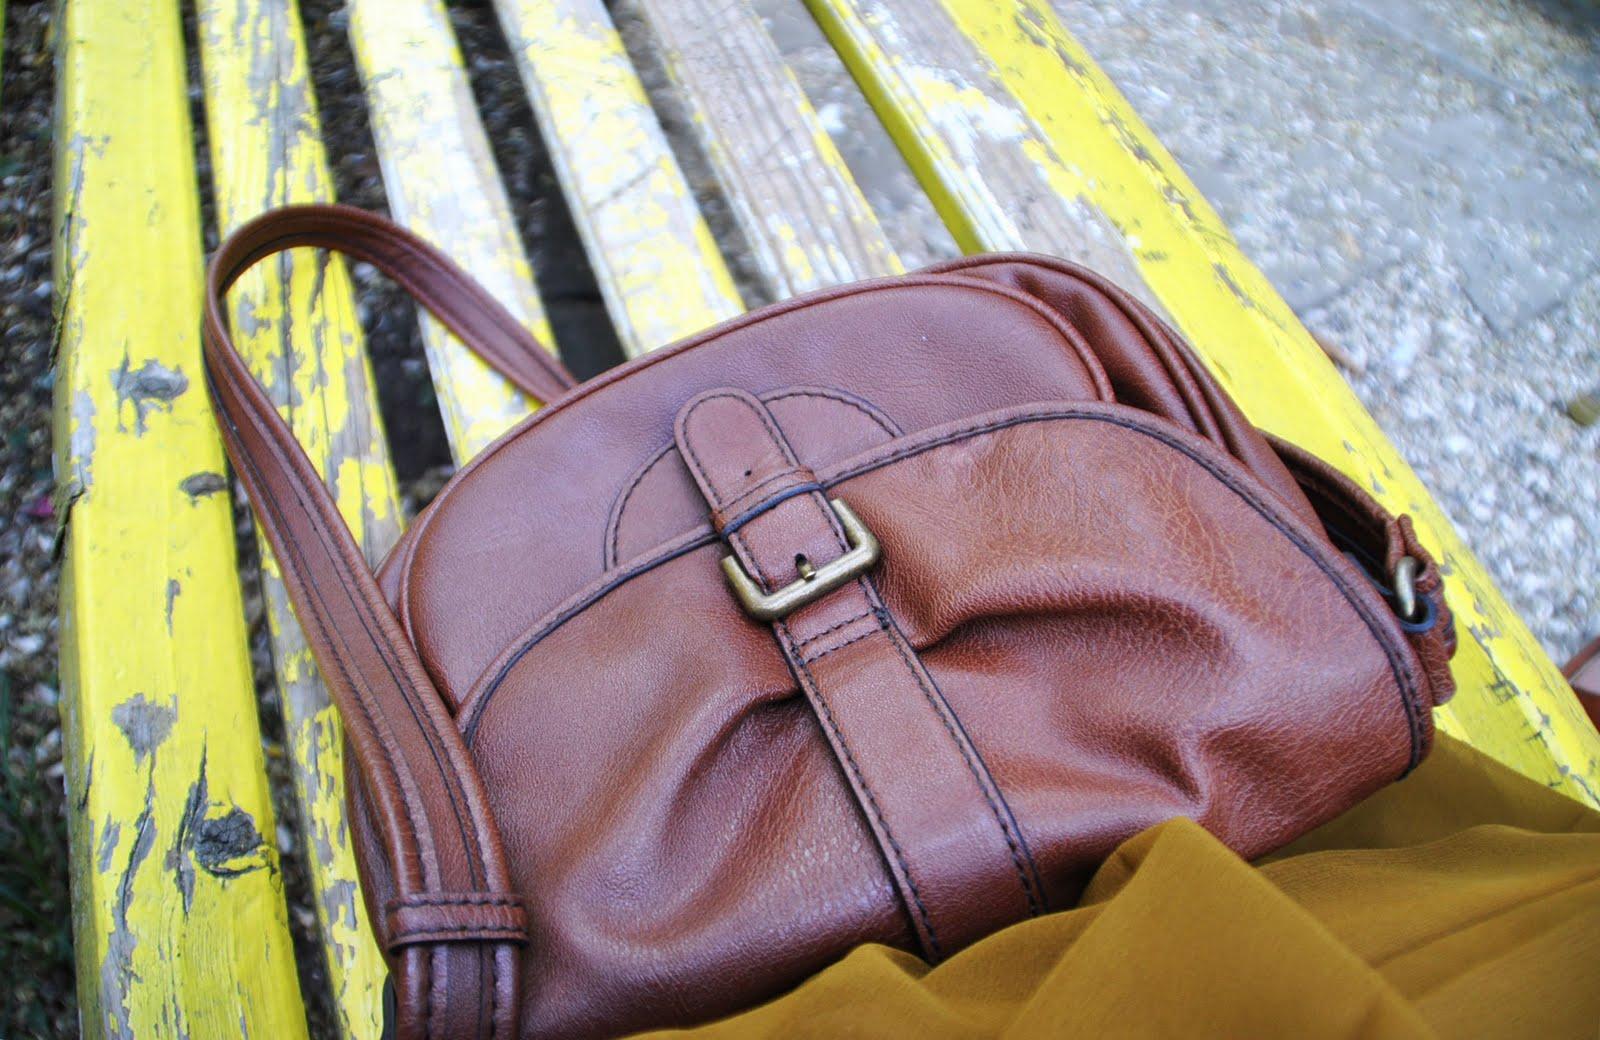 http://1.bp.blogspot.com/-du33sEoZULw/Tl50IV5VYYI/AAAAAAAAASQ/MiBdG4svE6U/s1600/mango+bag.jpg